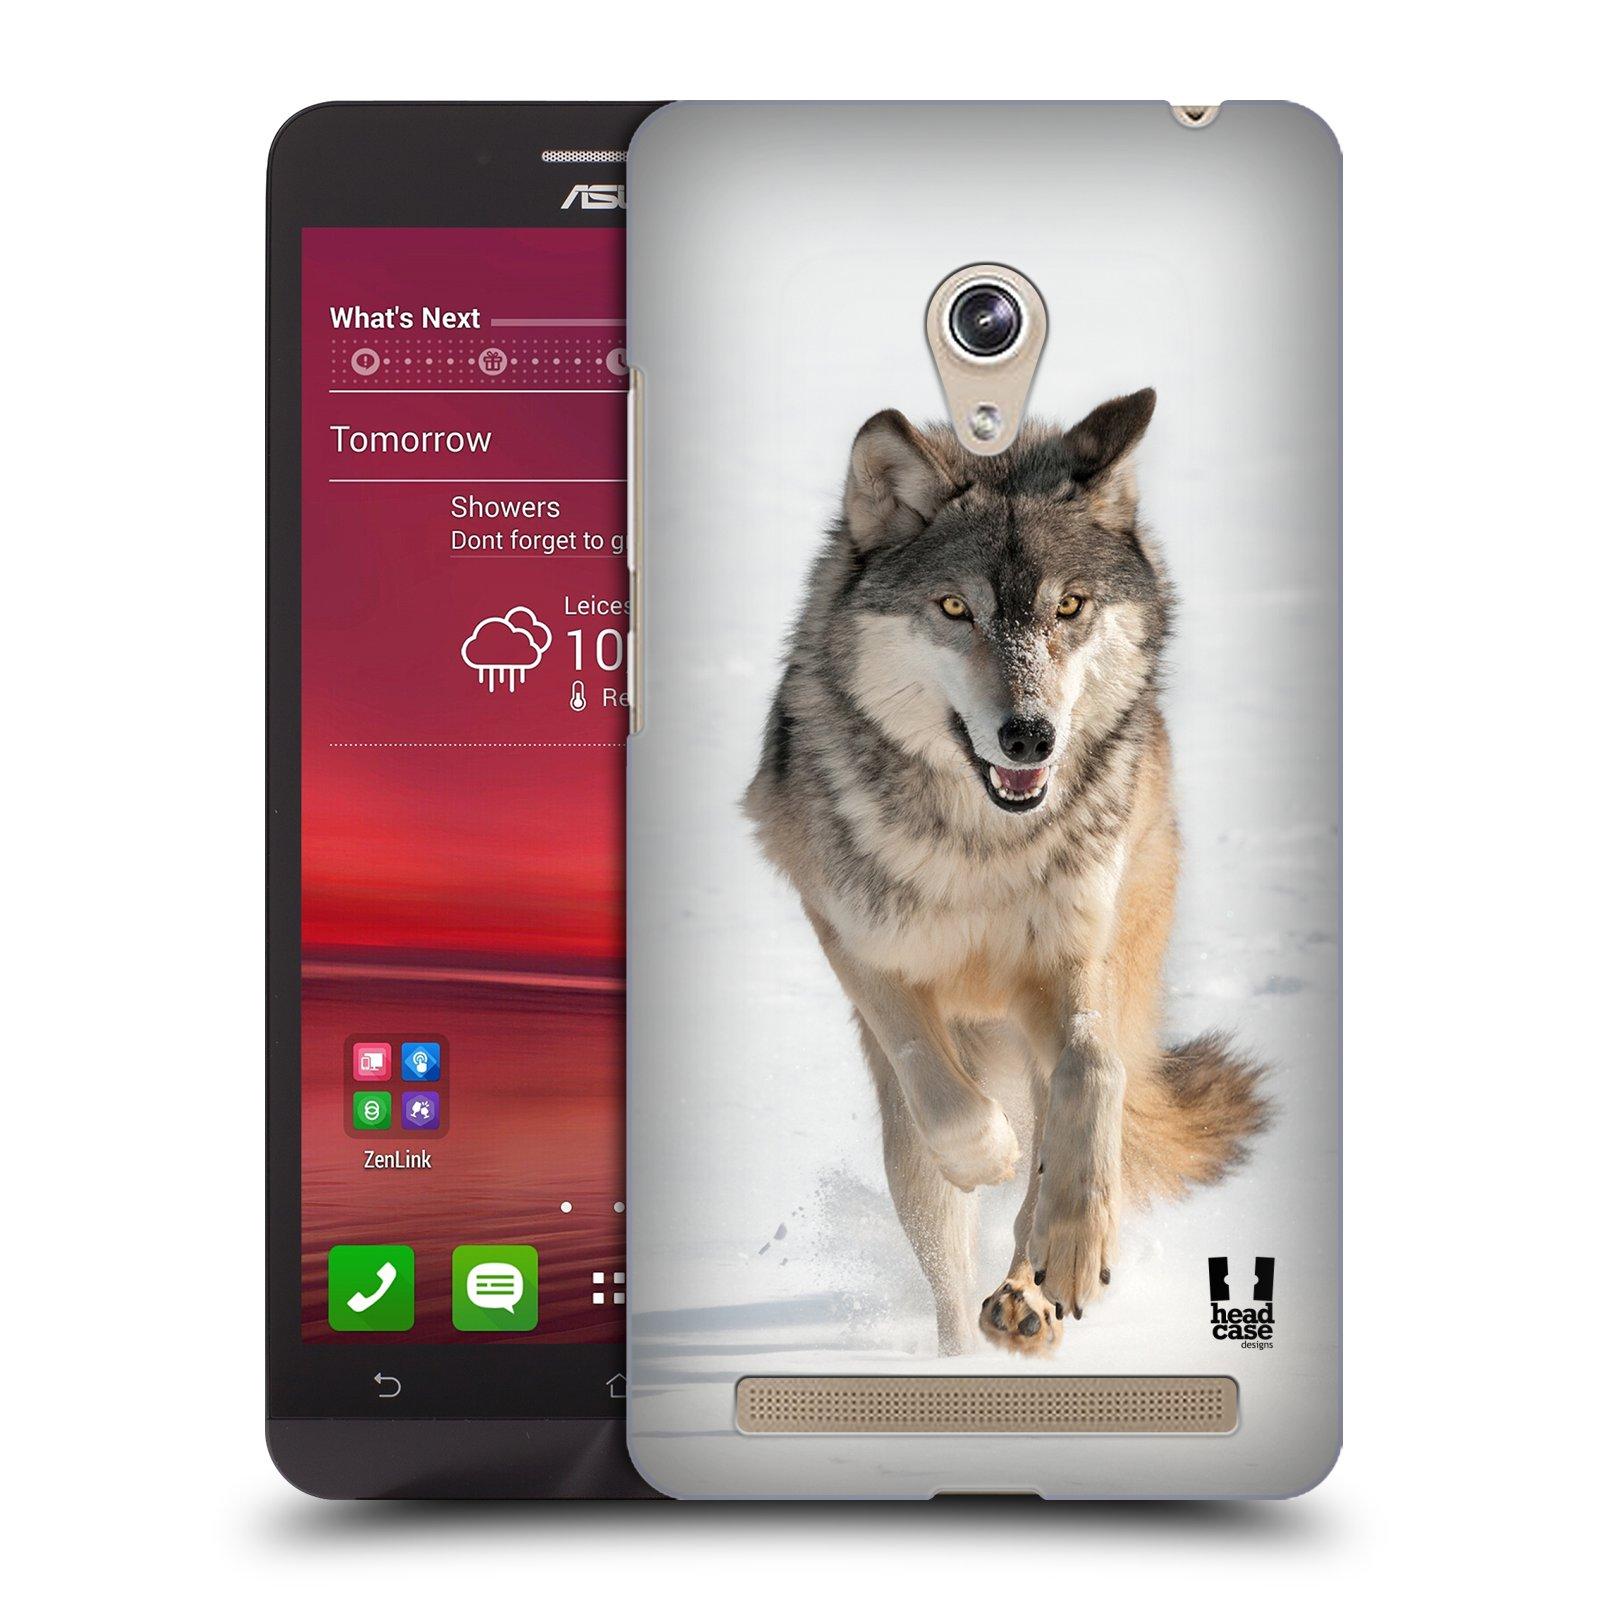 HEAD CASE plastový obal na mobil Asus Zenfone 6 vzor Divočina, Divoký život a zvířata foto BĚŽÍCÍ VLK